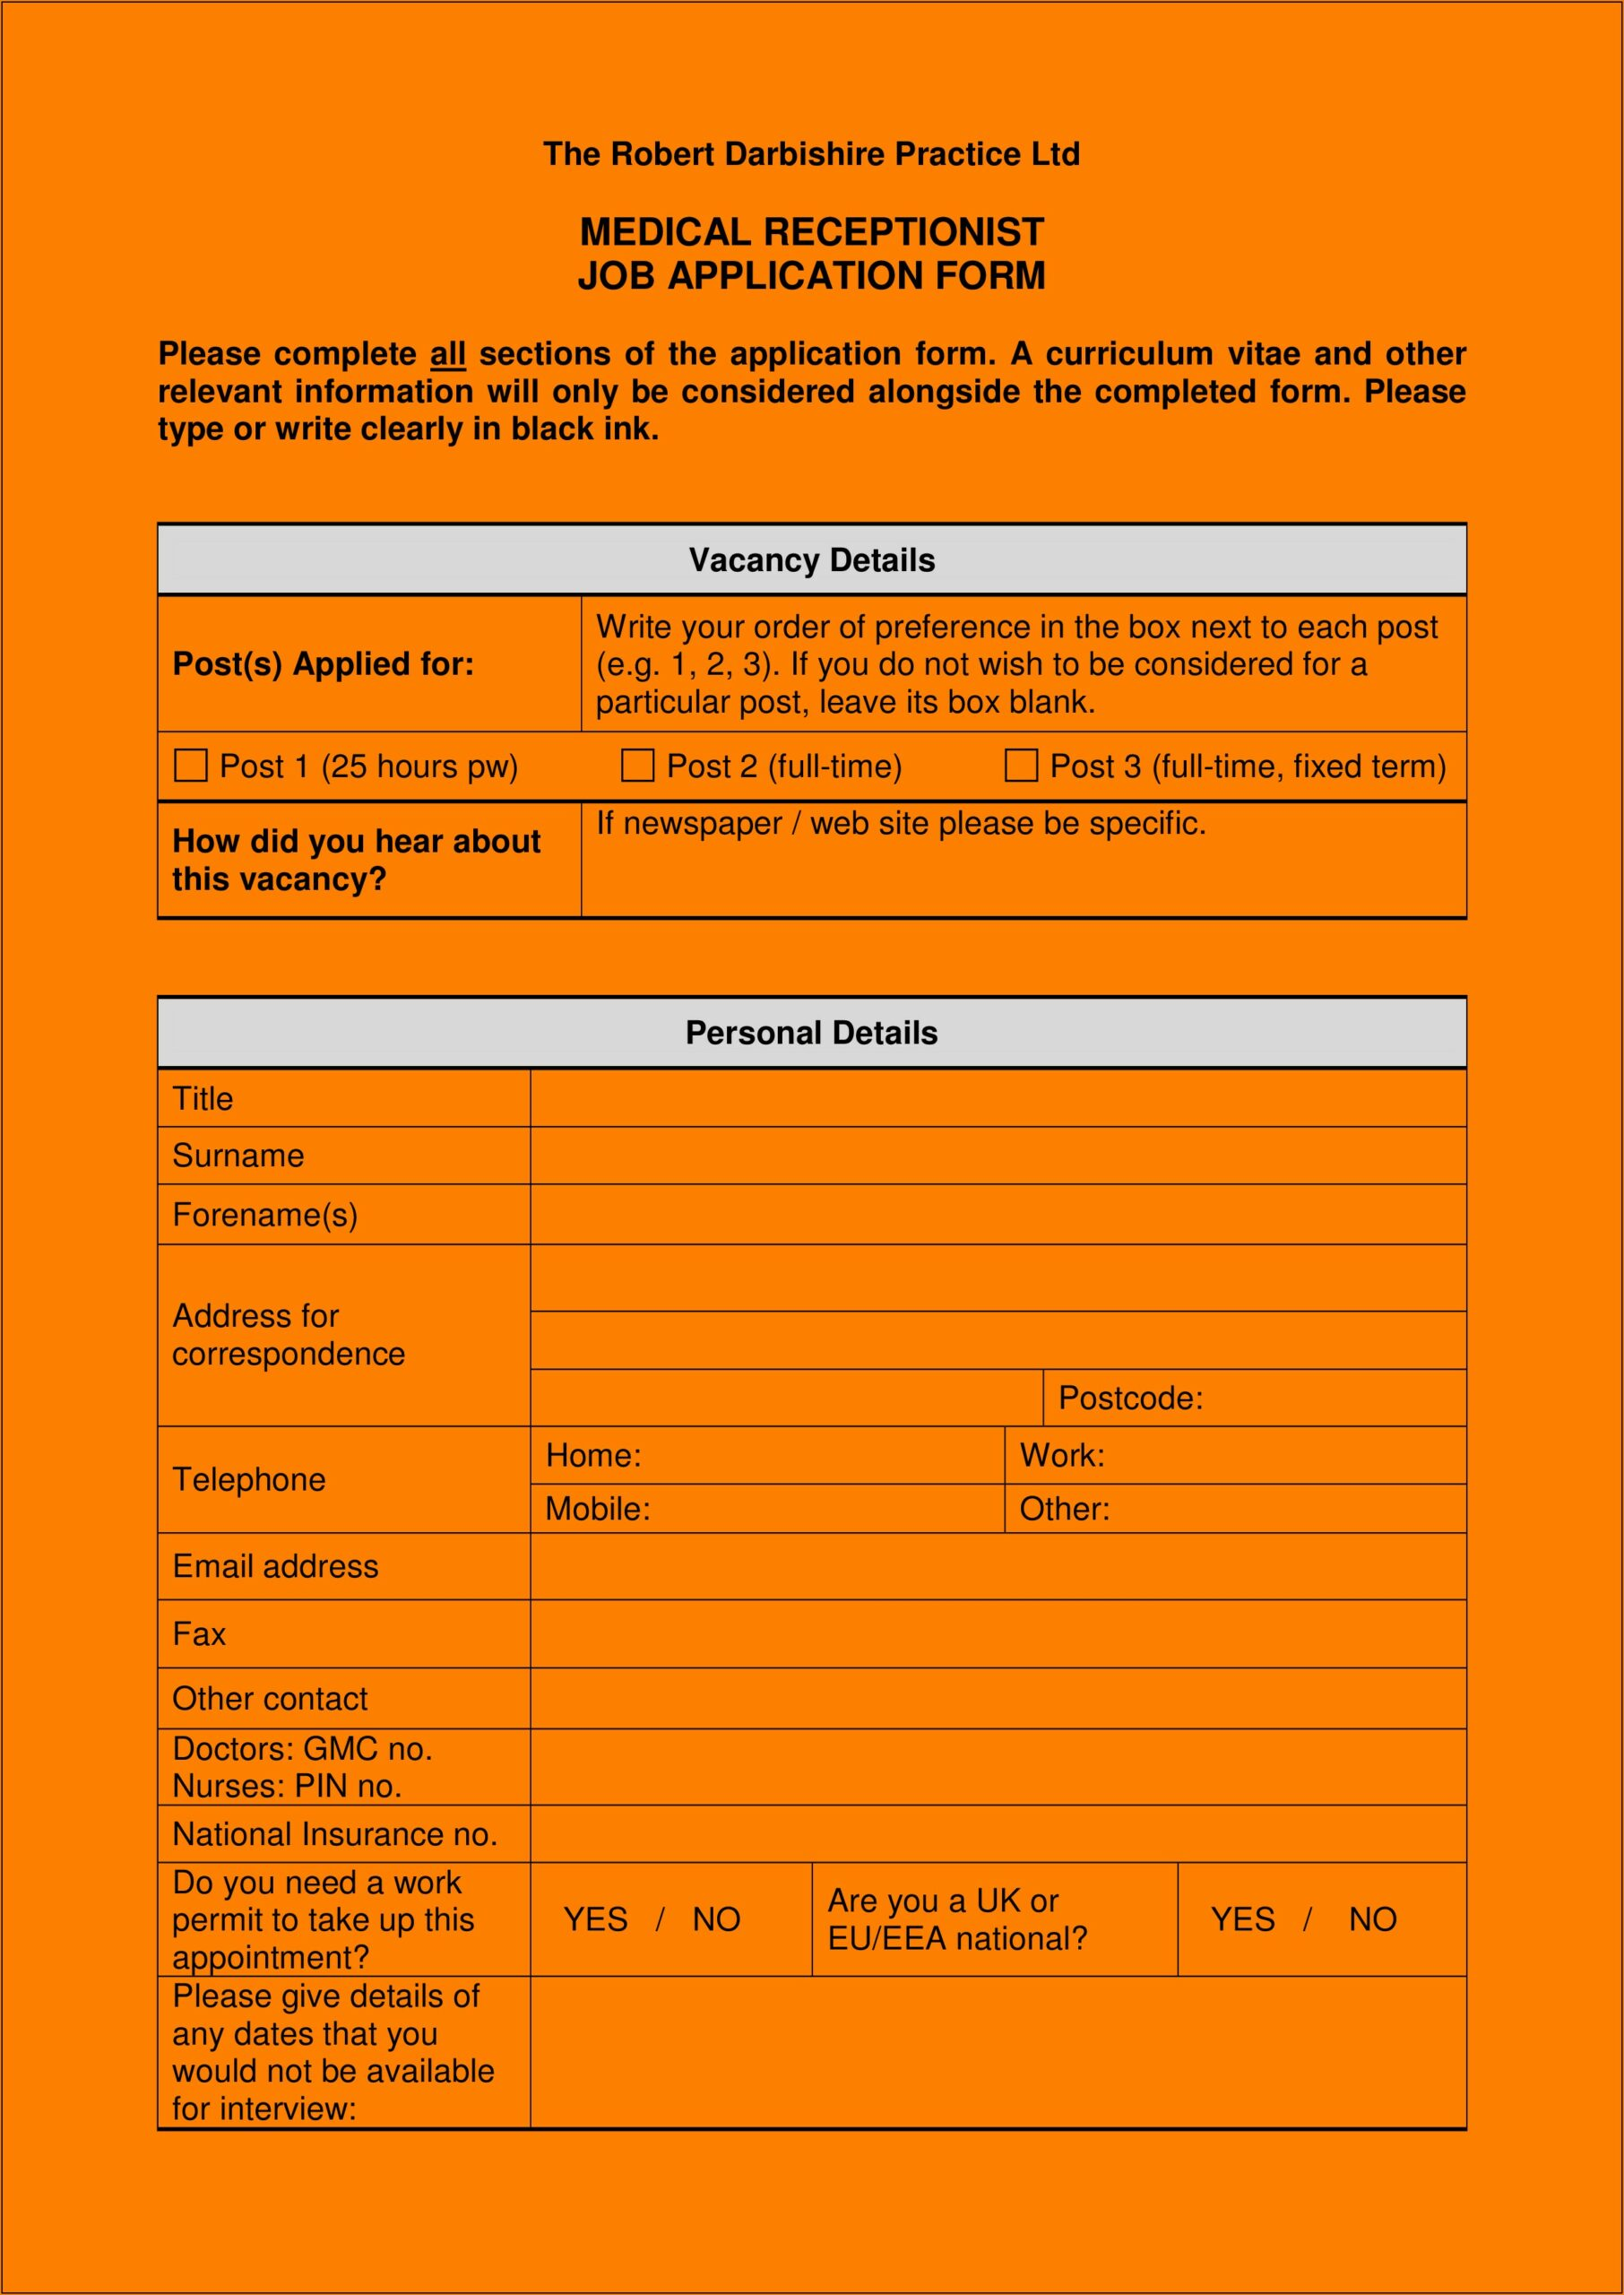 Medical Receptionist Job Application Form